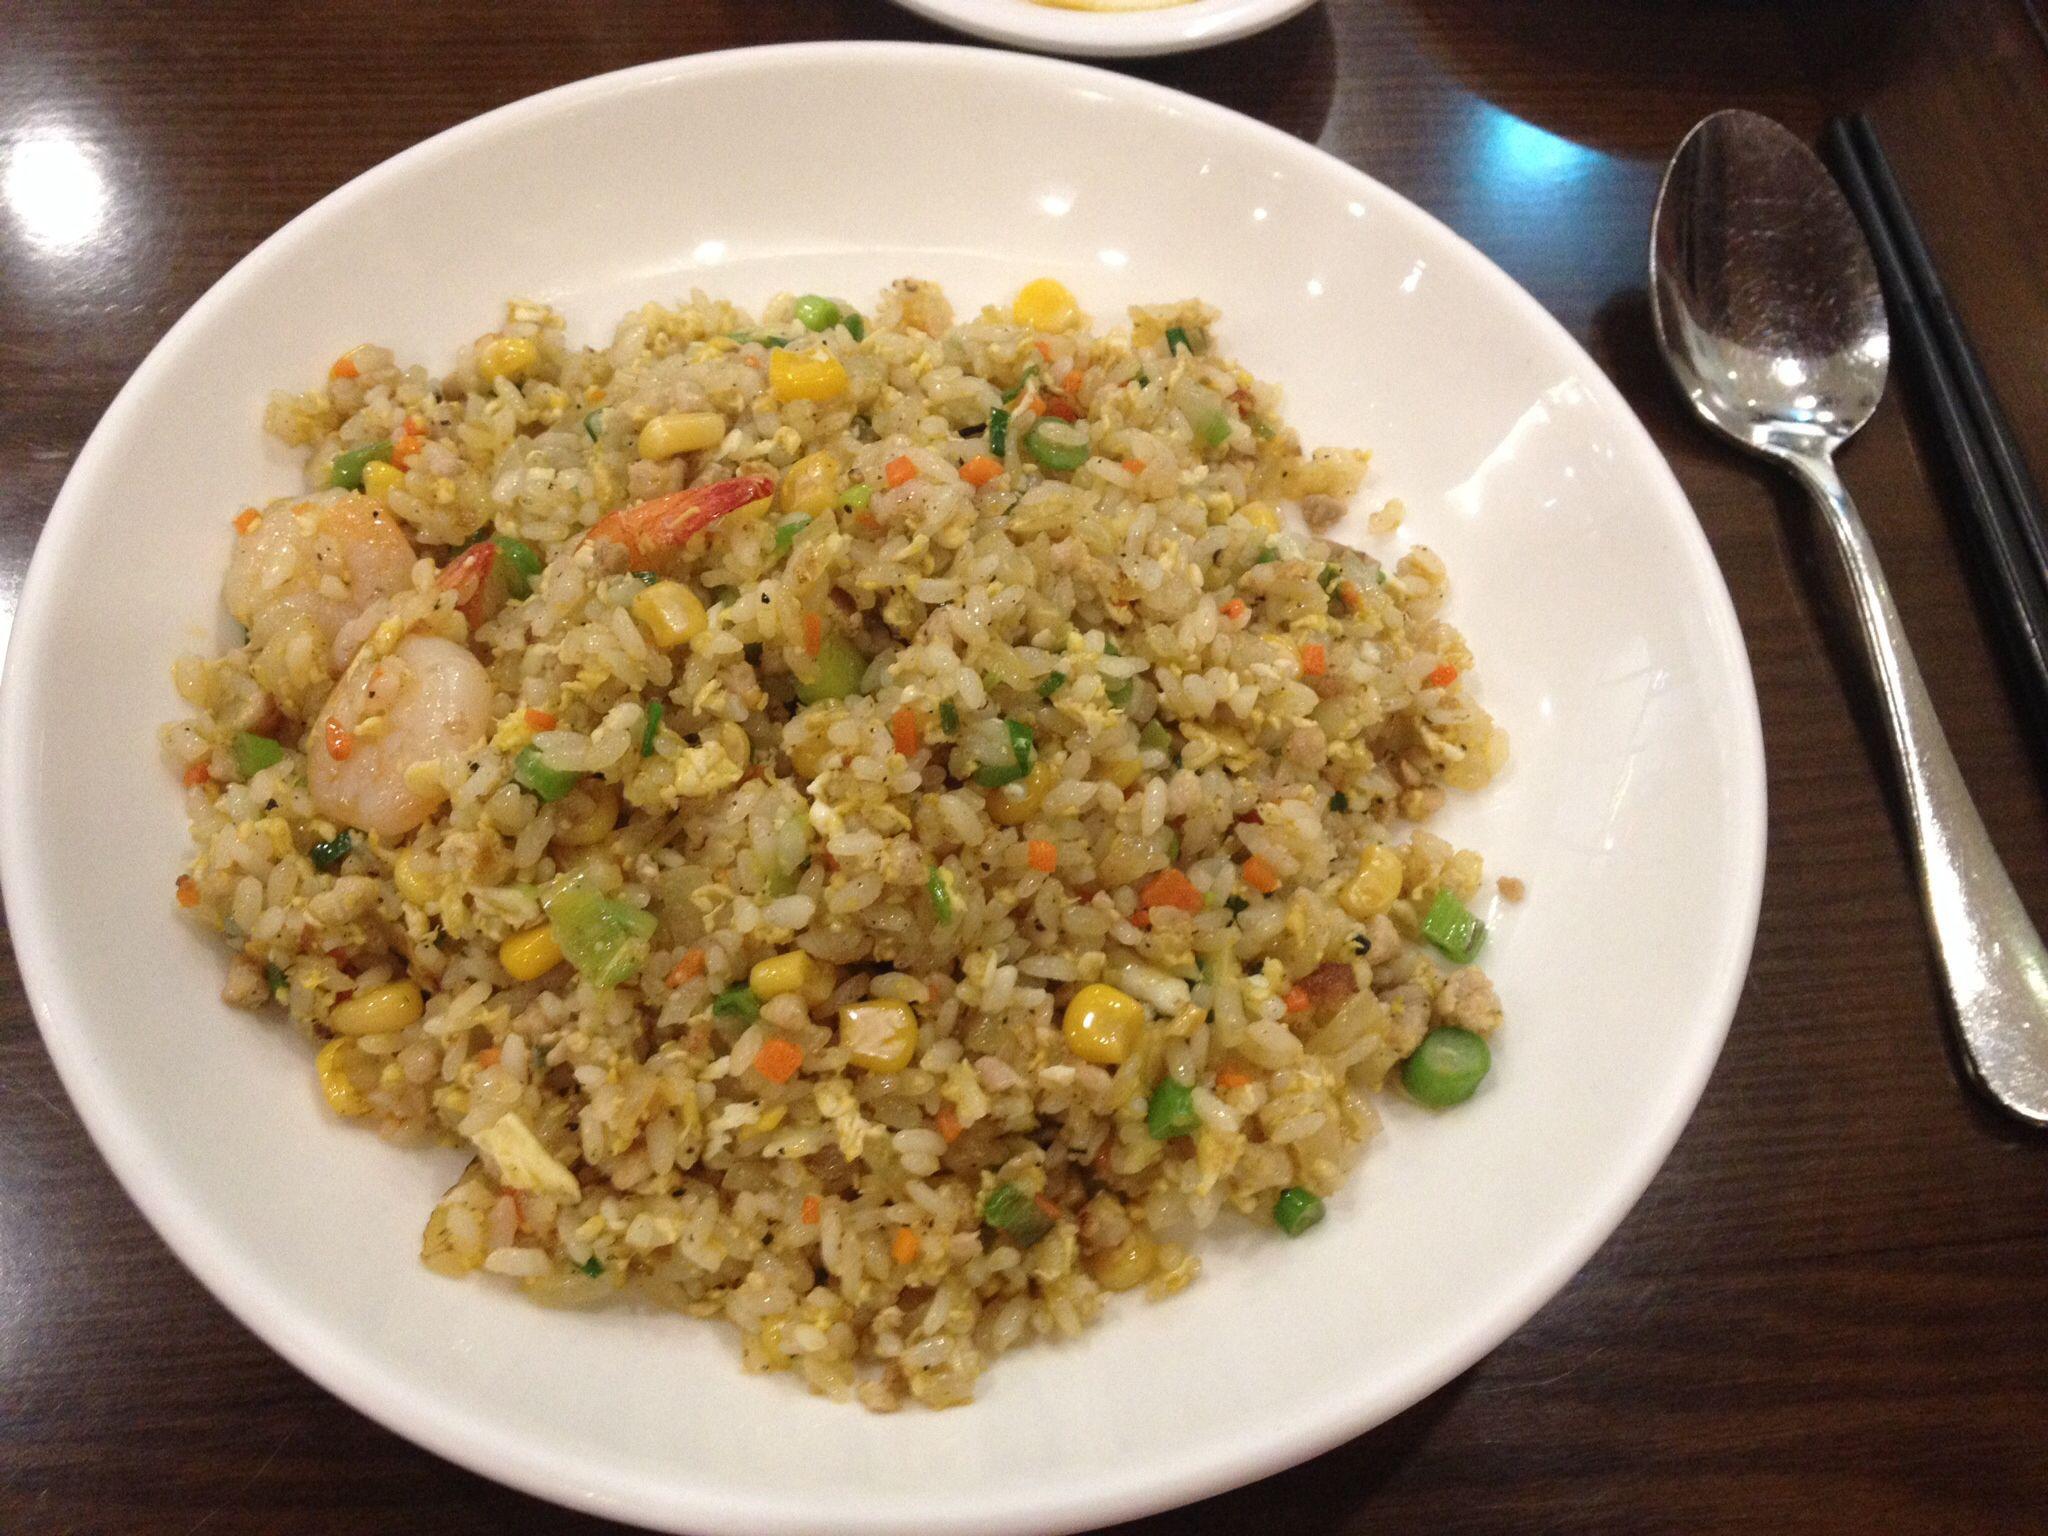 2014.6.1 점심. 베트남식 볶음밥